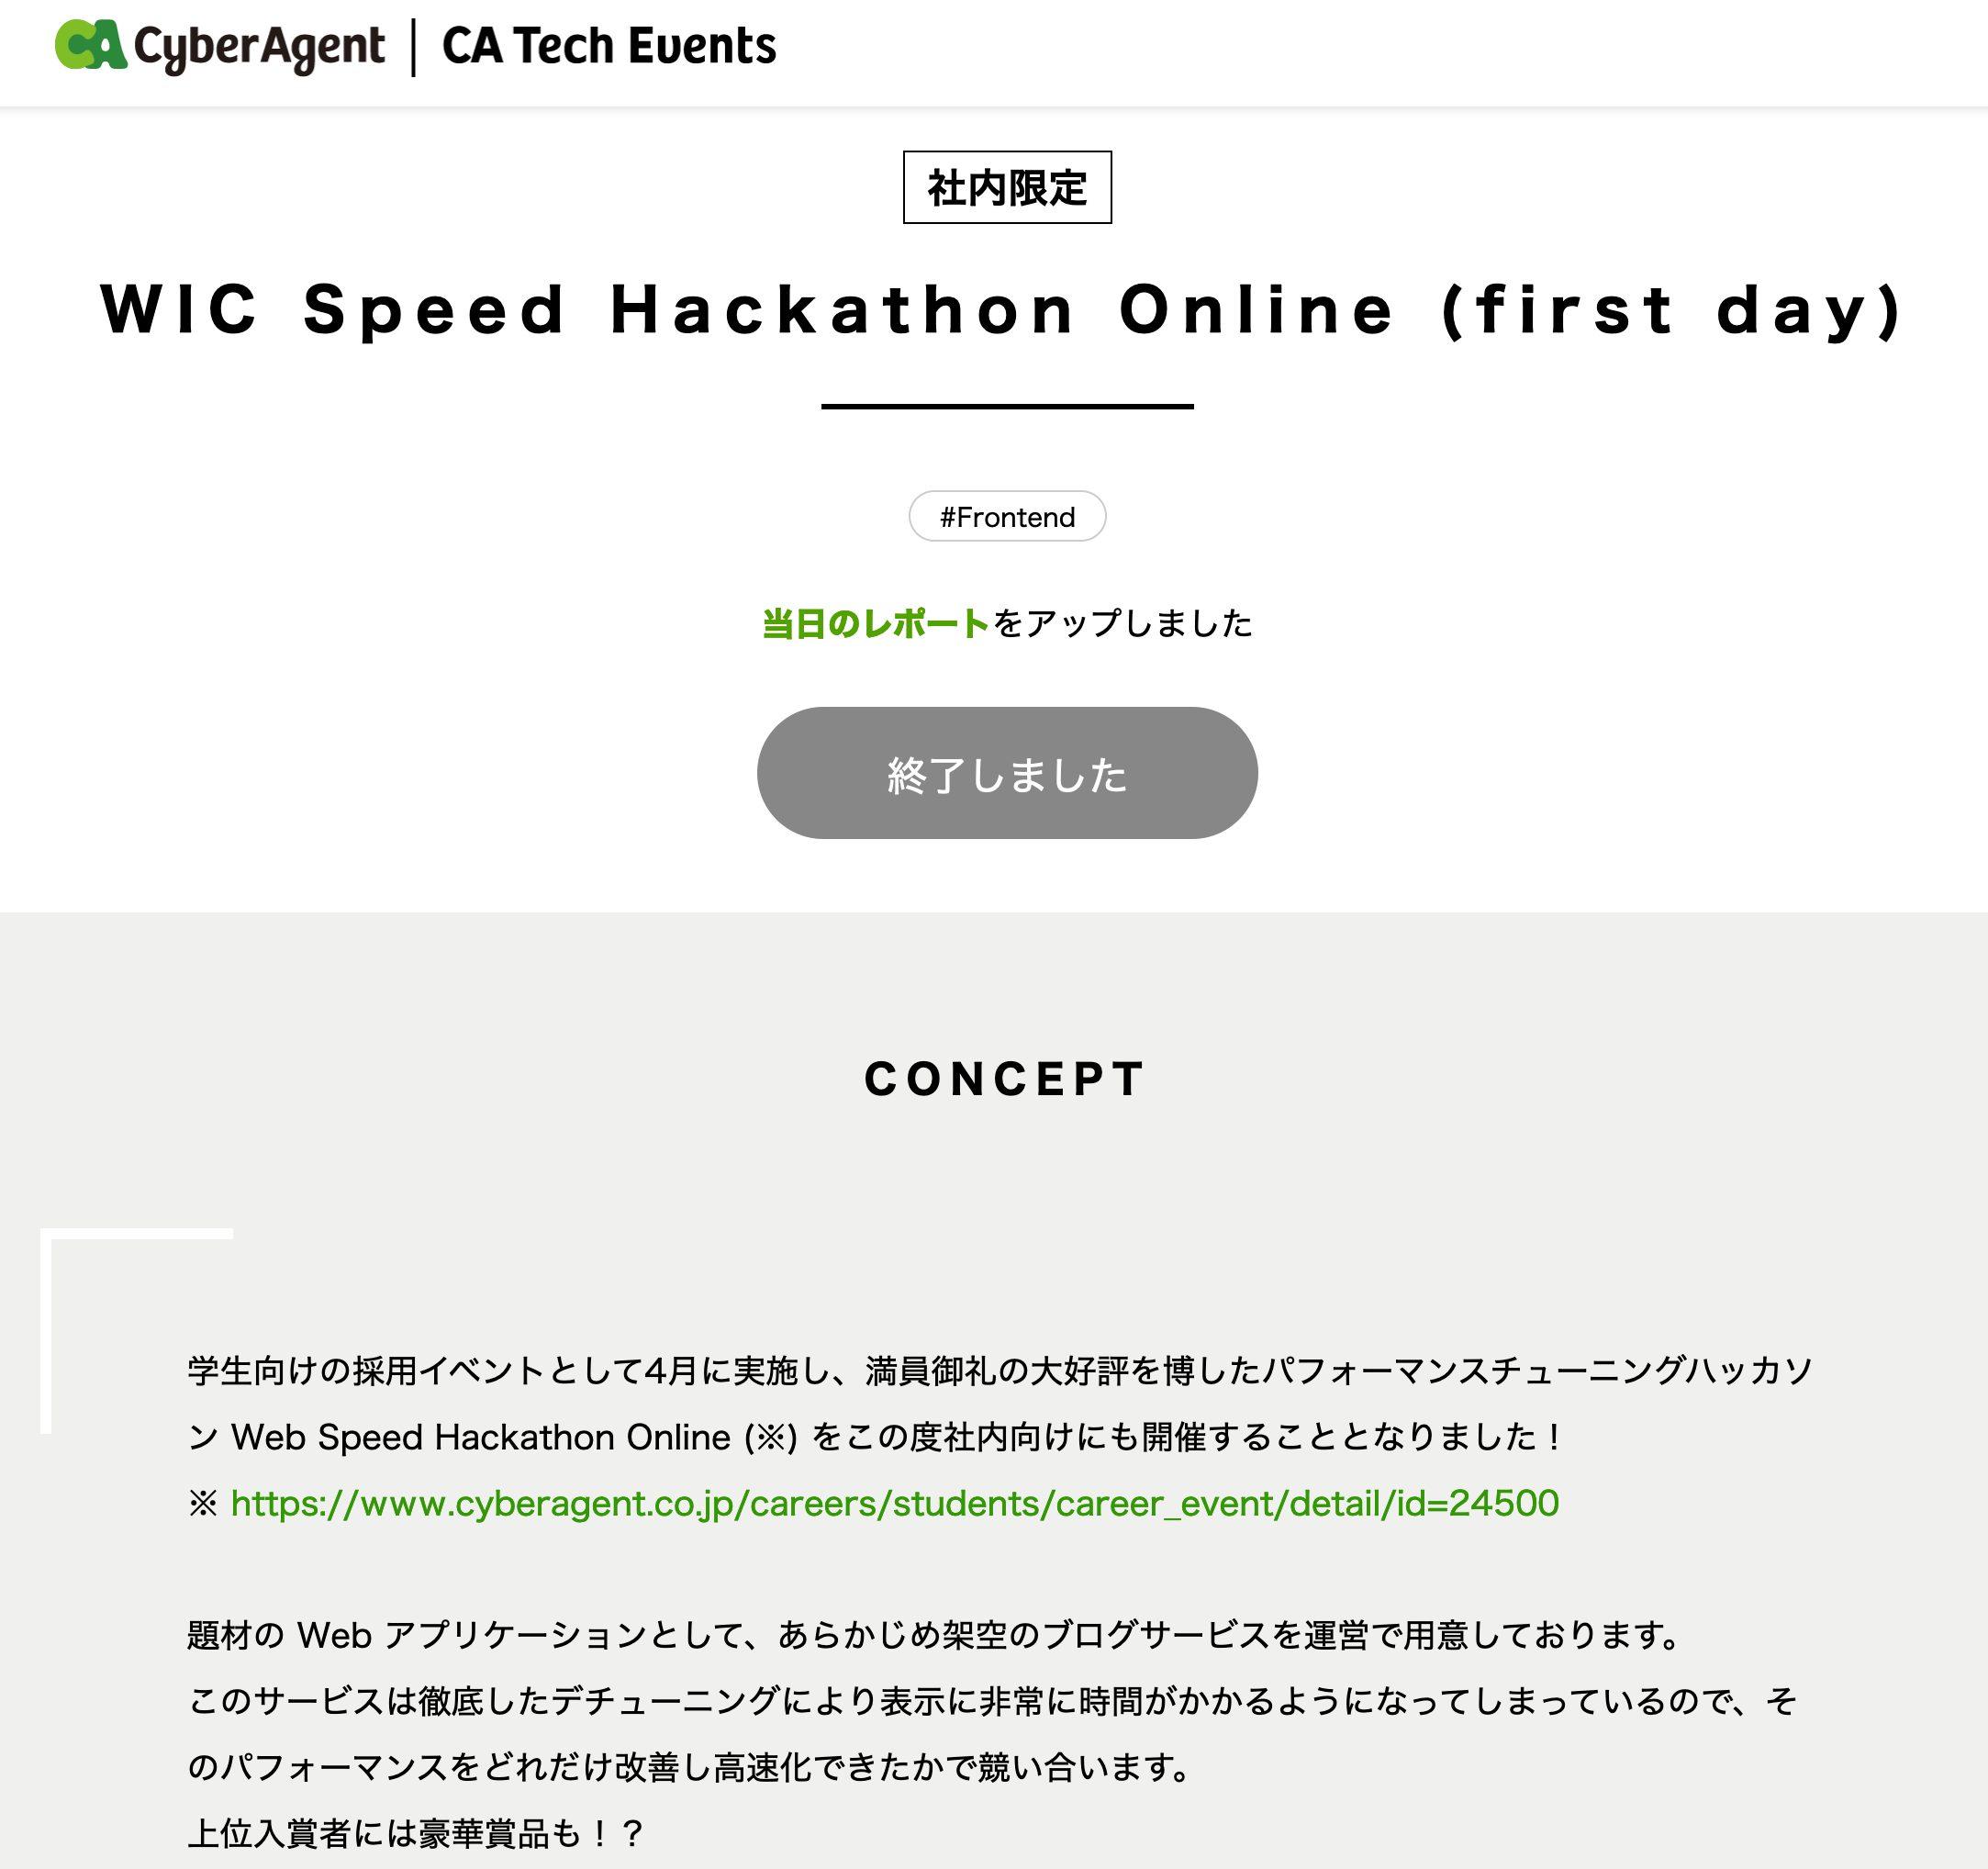 WIC Speed Hackathon Online の社内イベントページ